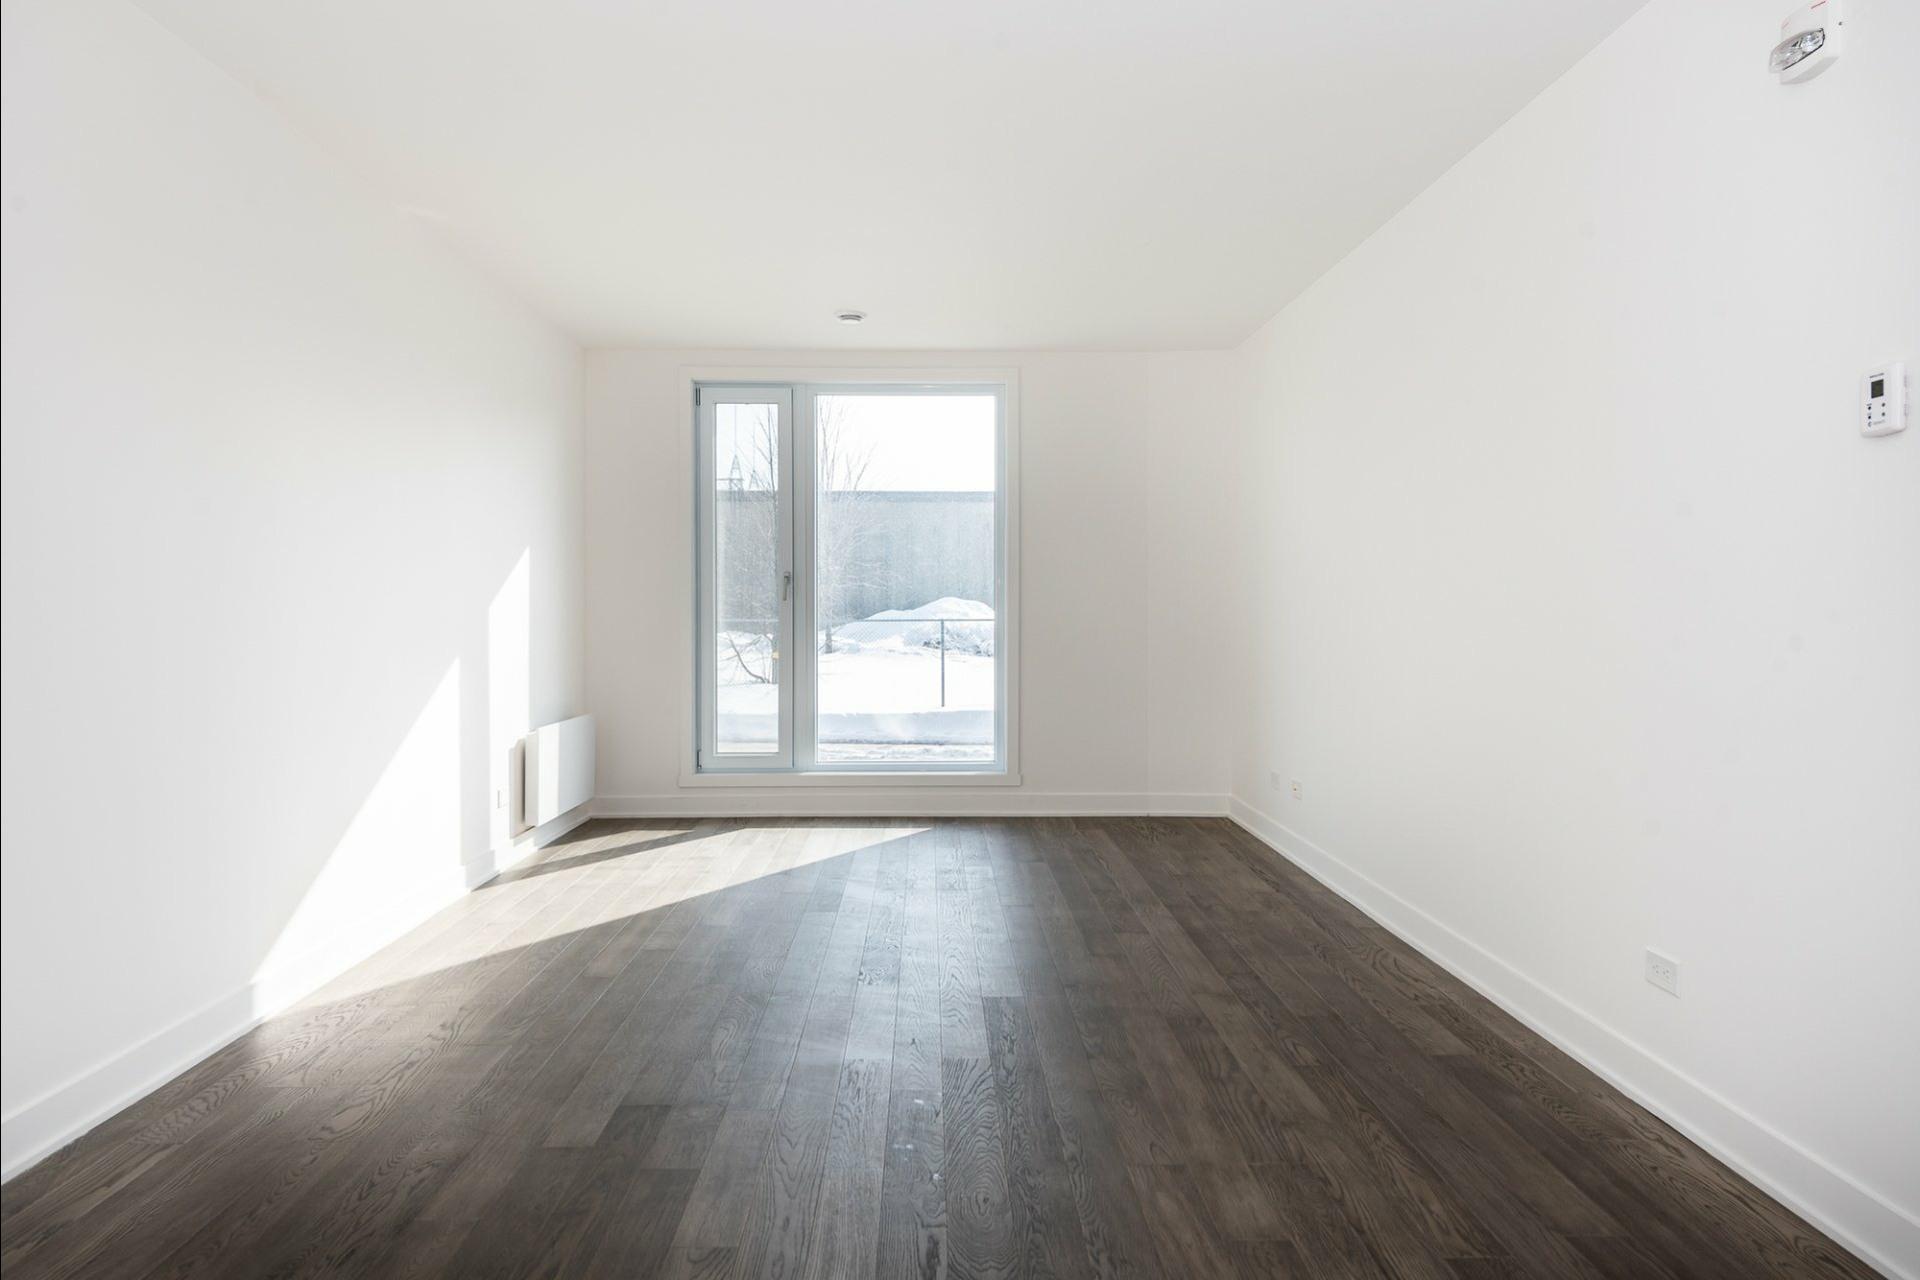 image 10 - Appartement À louer Villeray/Saint-Michel/Parc-Extension Montréal  - 5 pièces